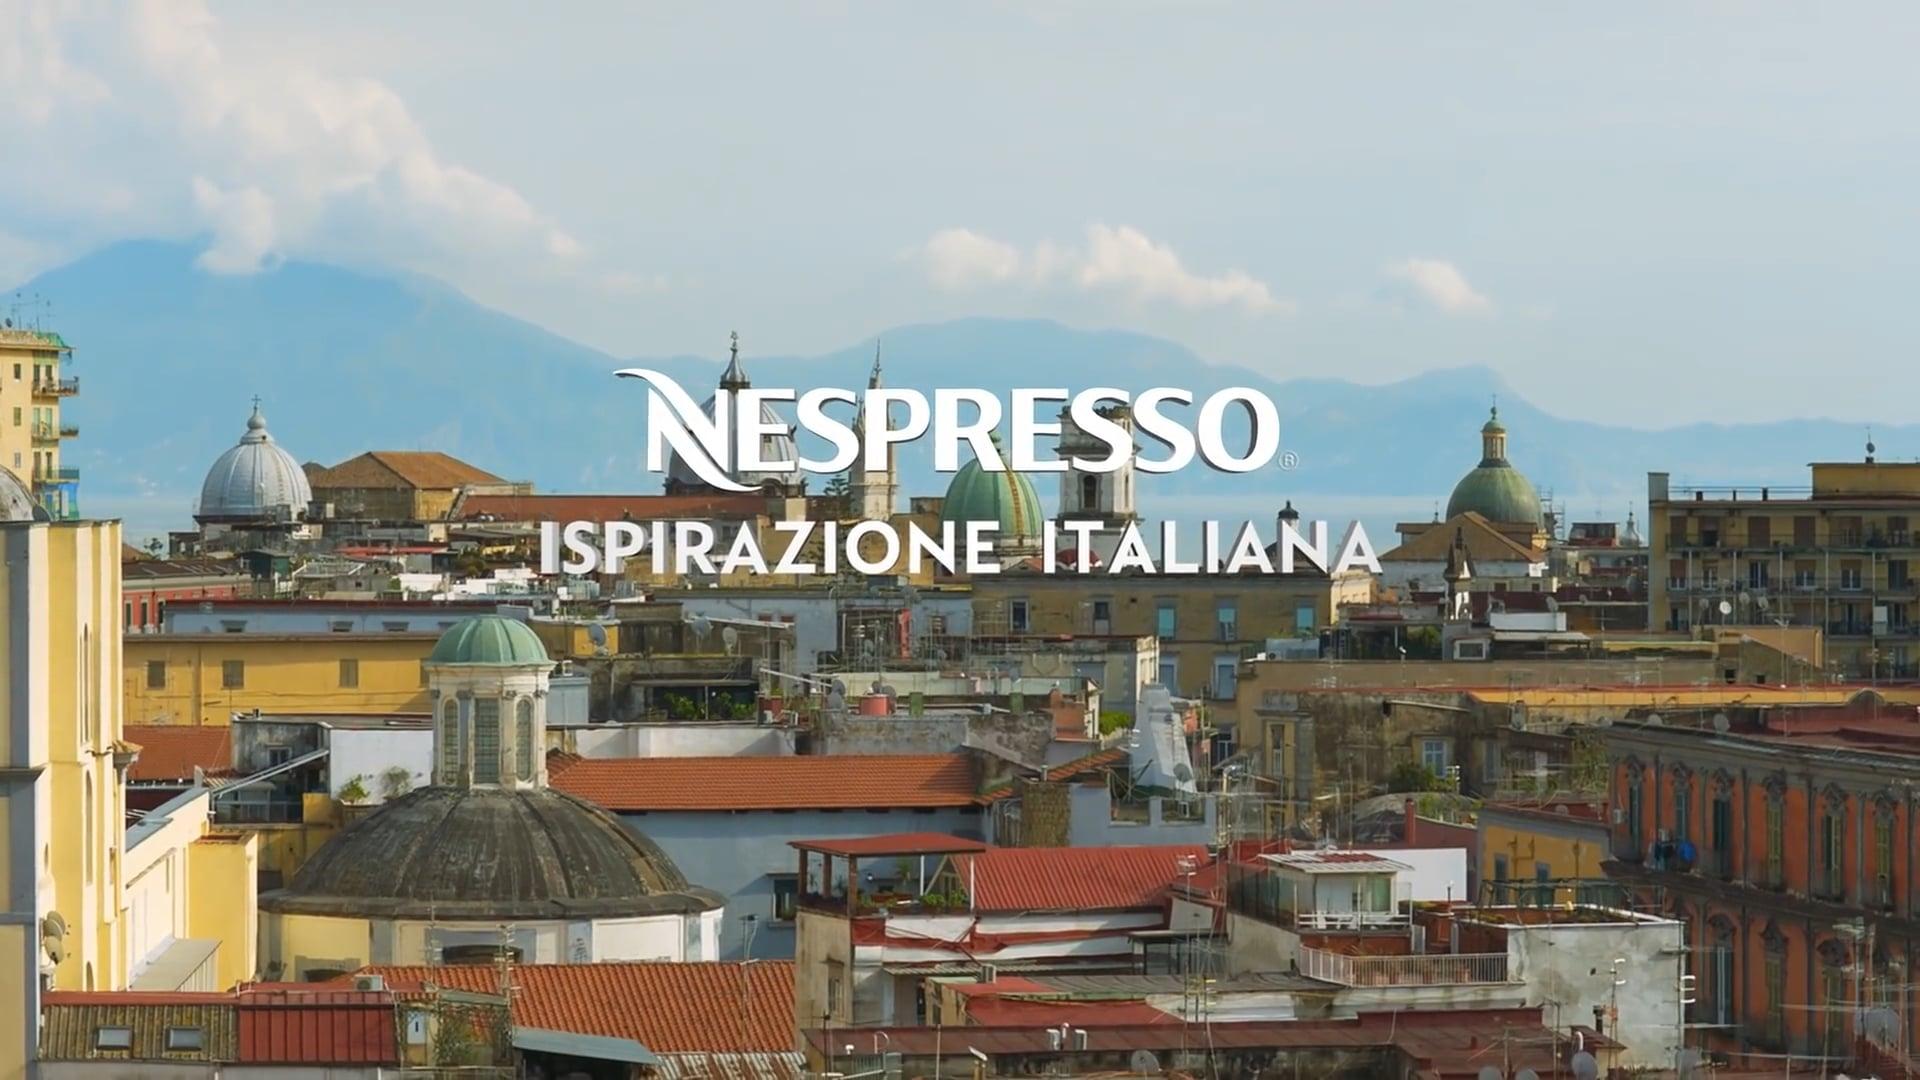 Nespresso - Ispirazione Italiana